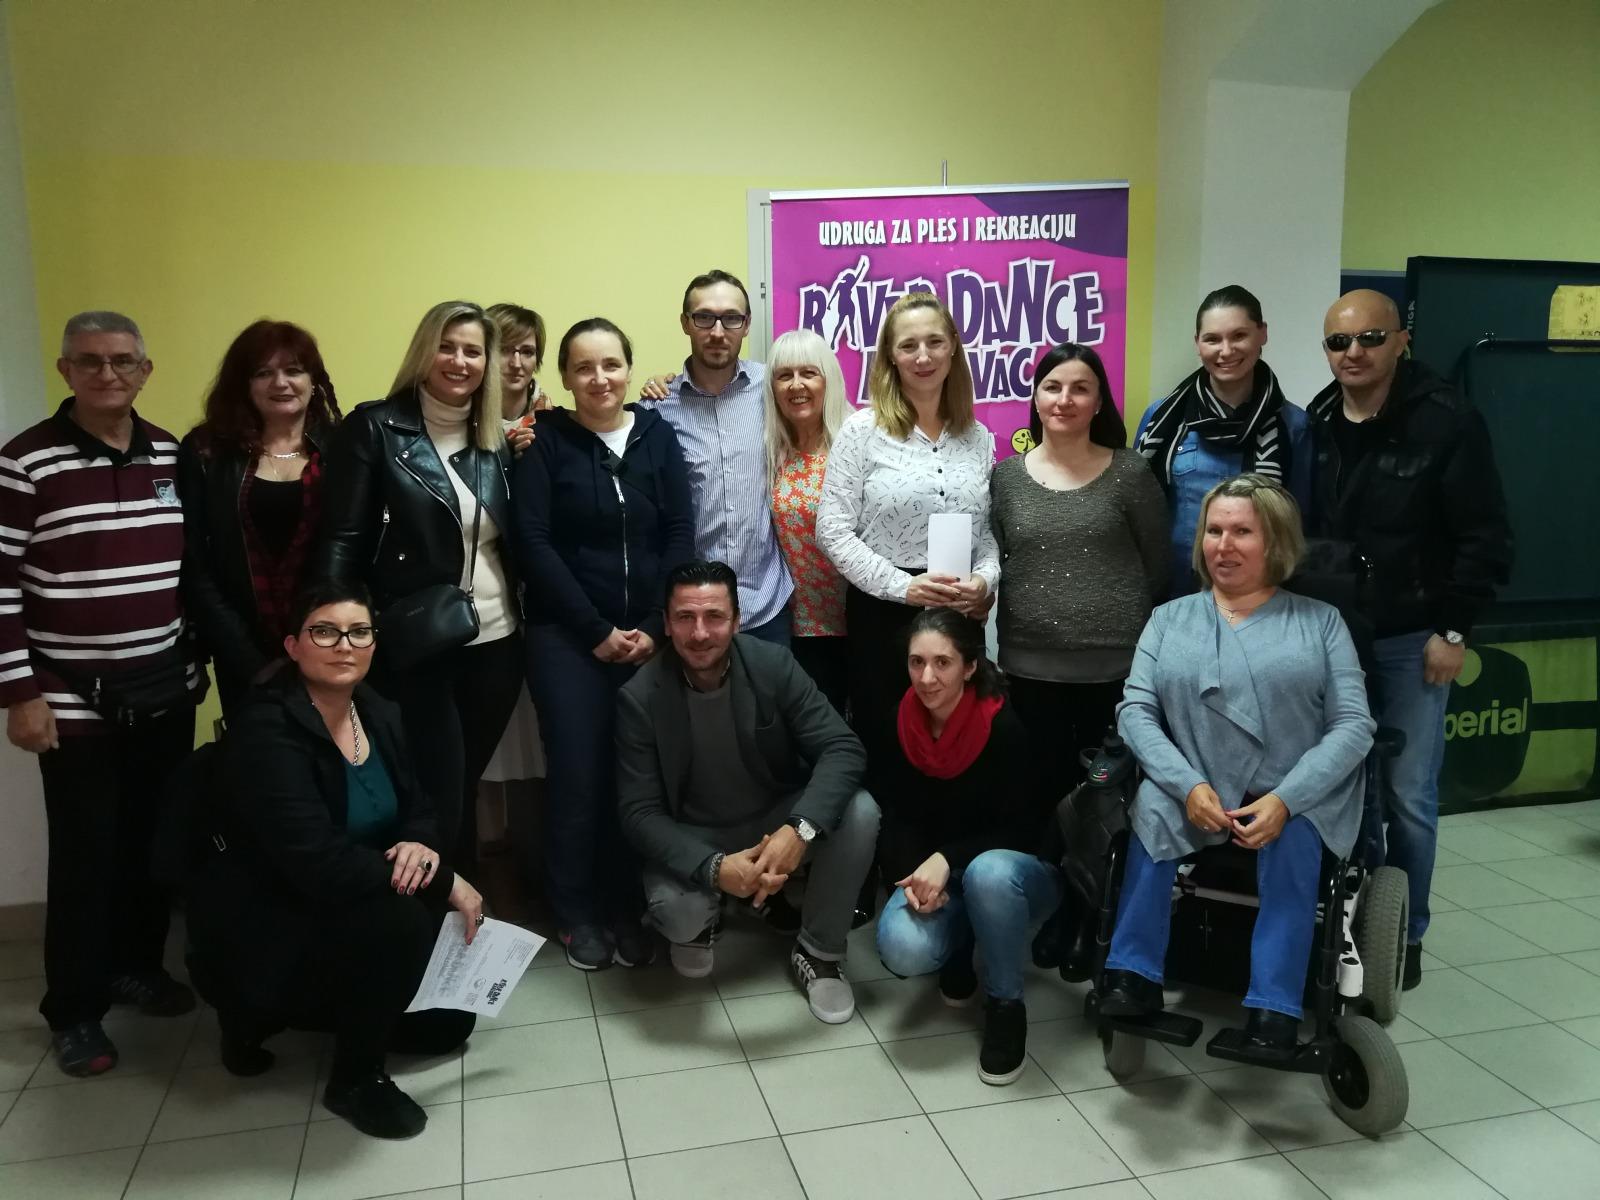 Predstavljen projekt Salsa Indepen-dance, Udruge za ples i rekreaciju River Dance Karlovac